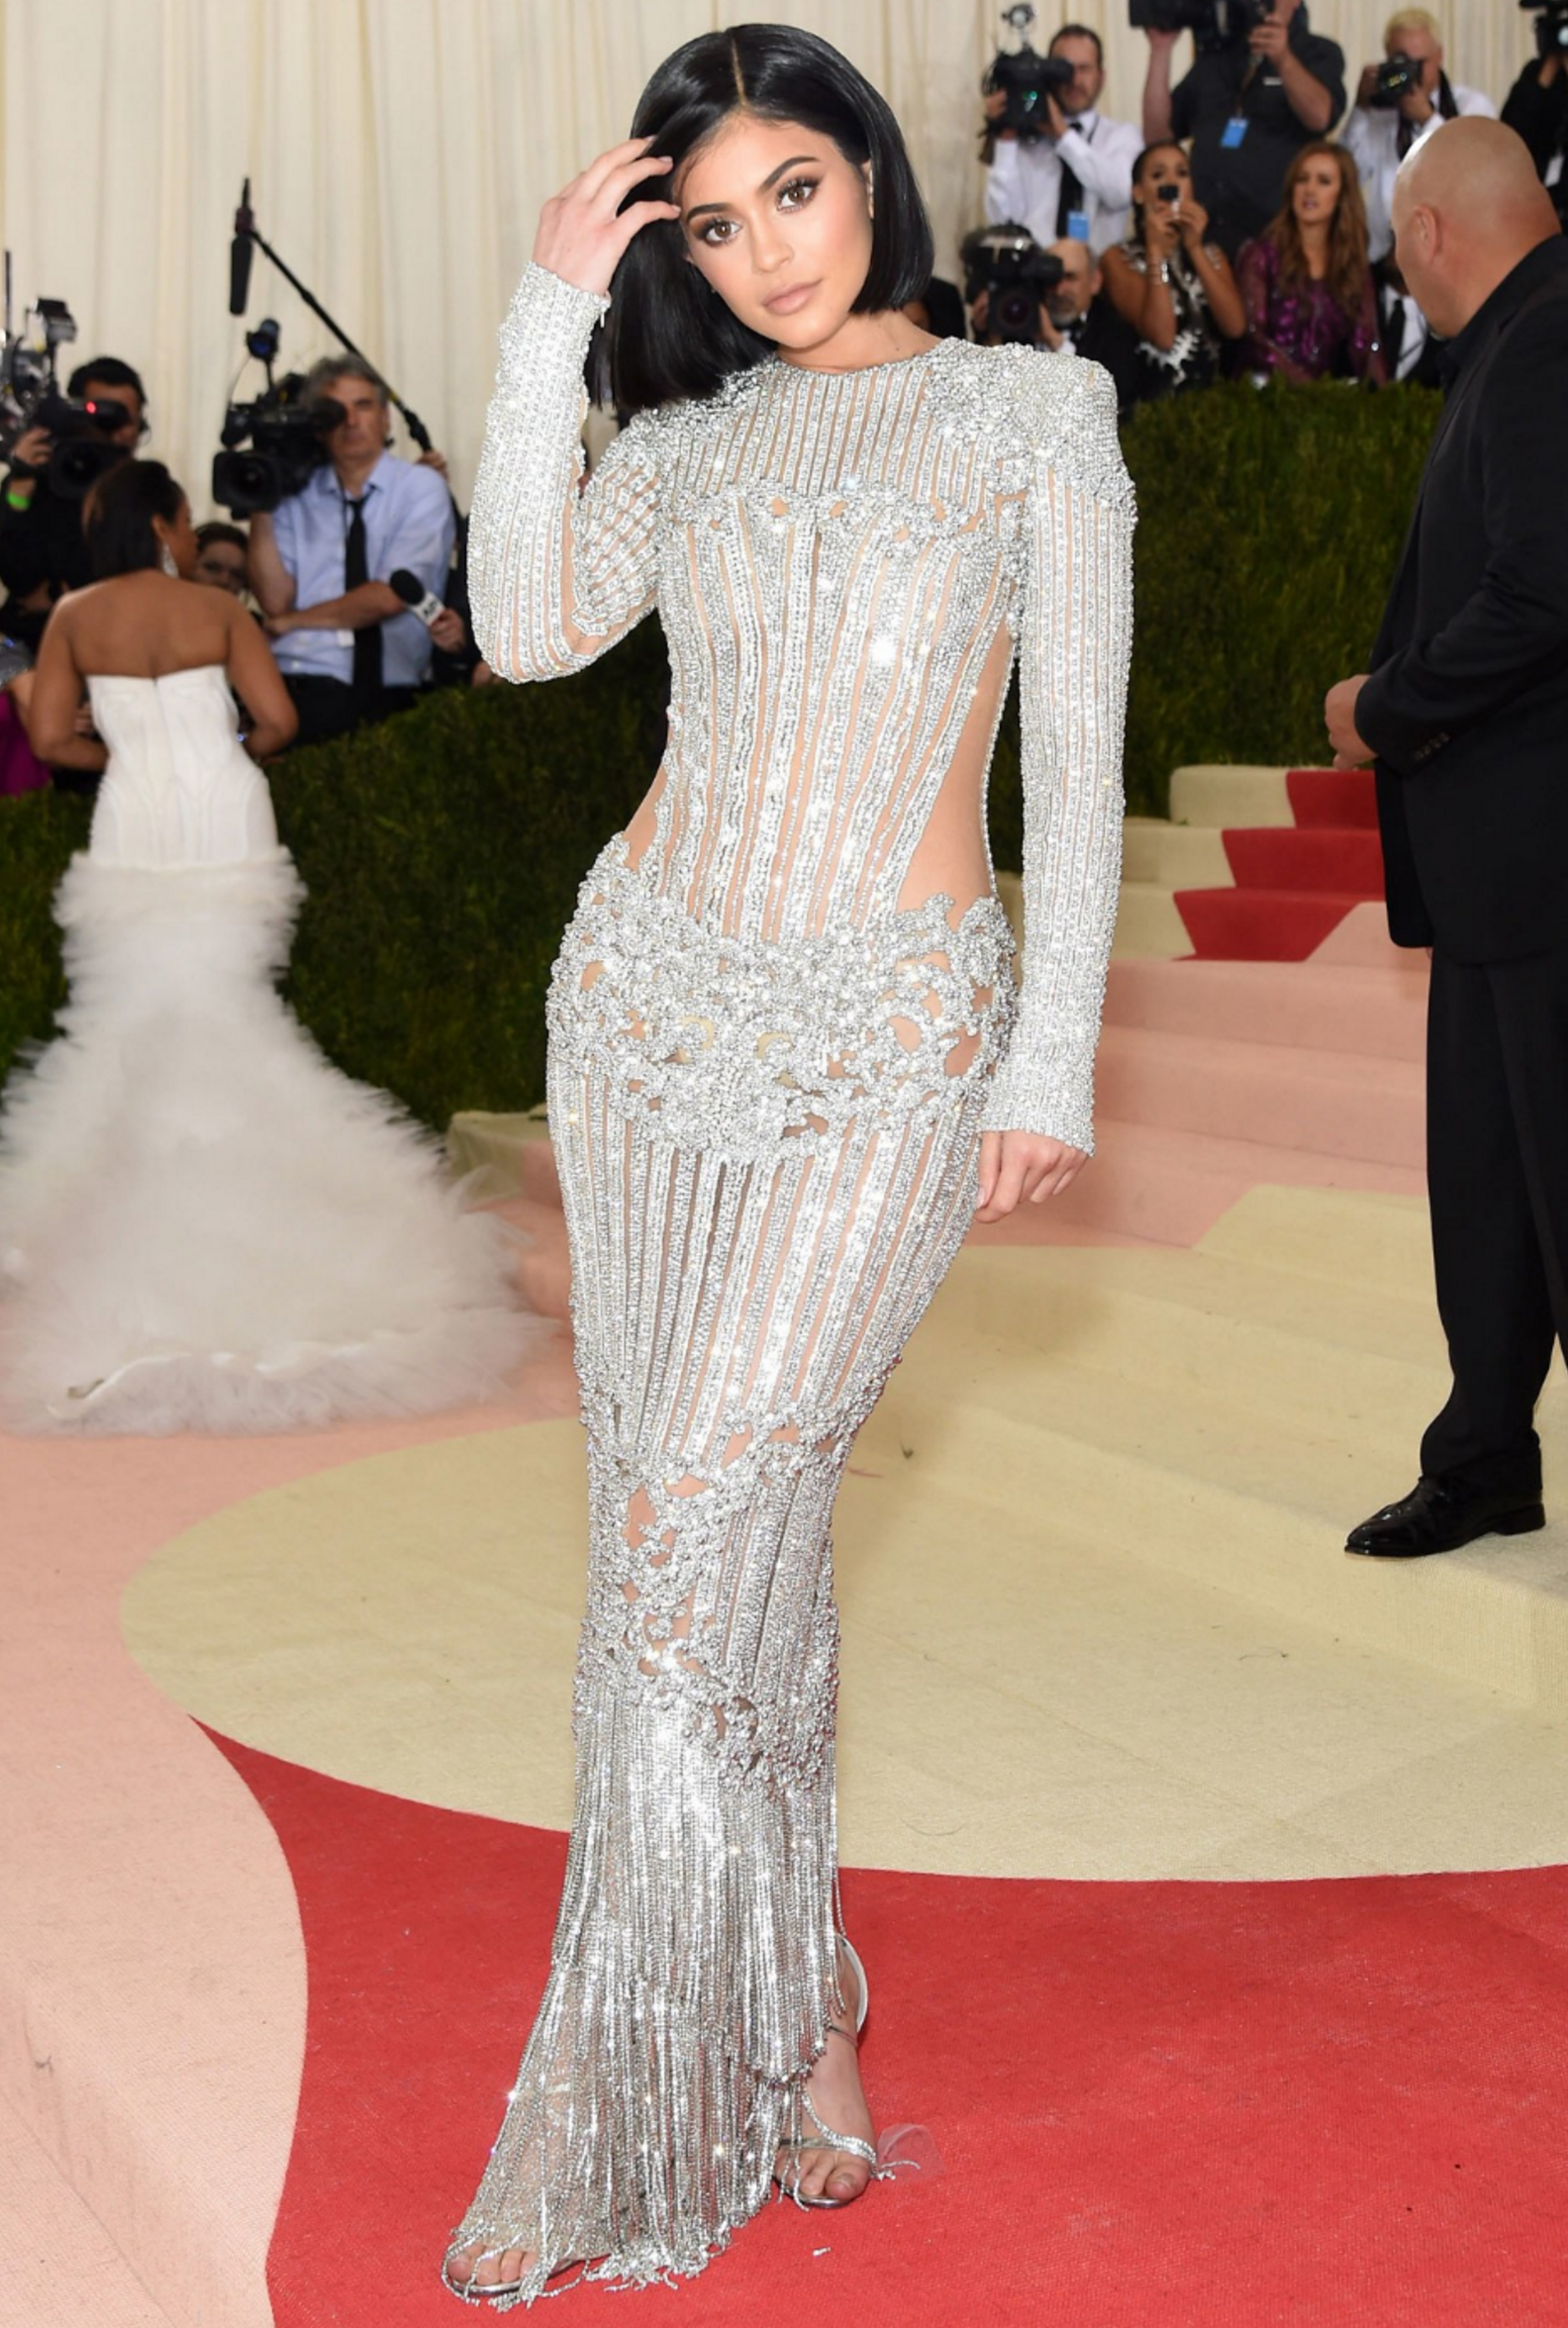 Kylie Jenner Met Ball 2016 Balmain